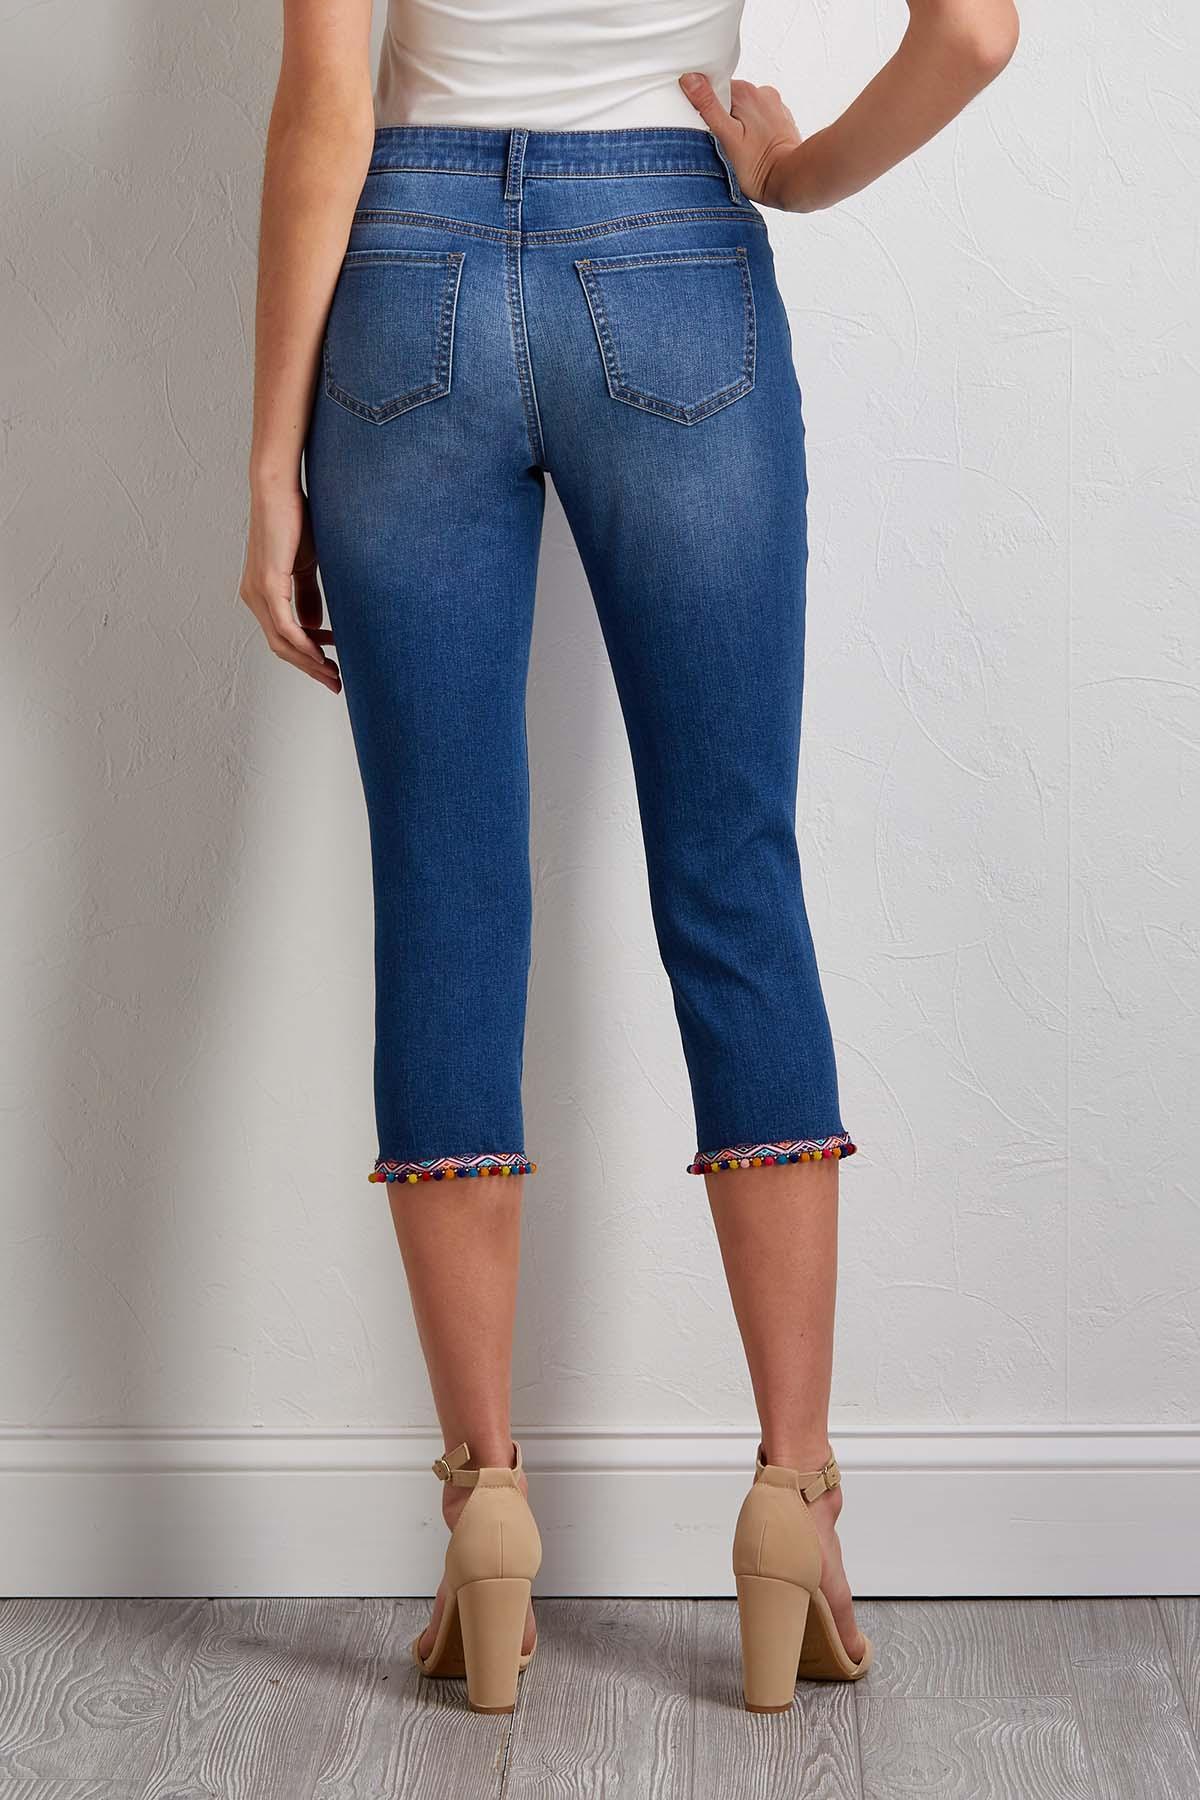 Cropped Pom- Pom Jeans